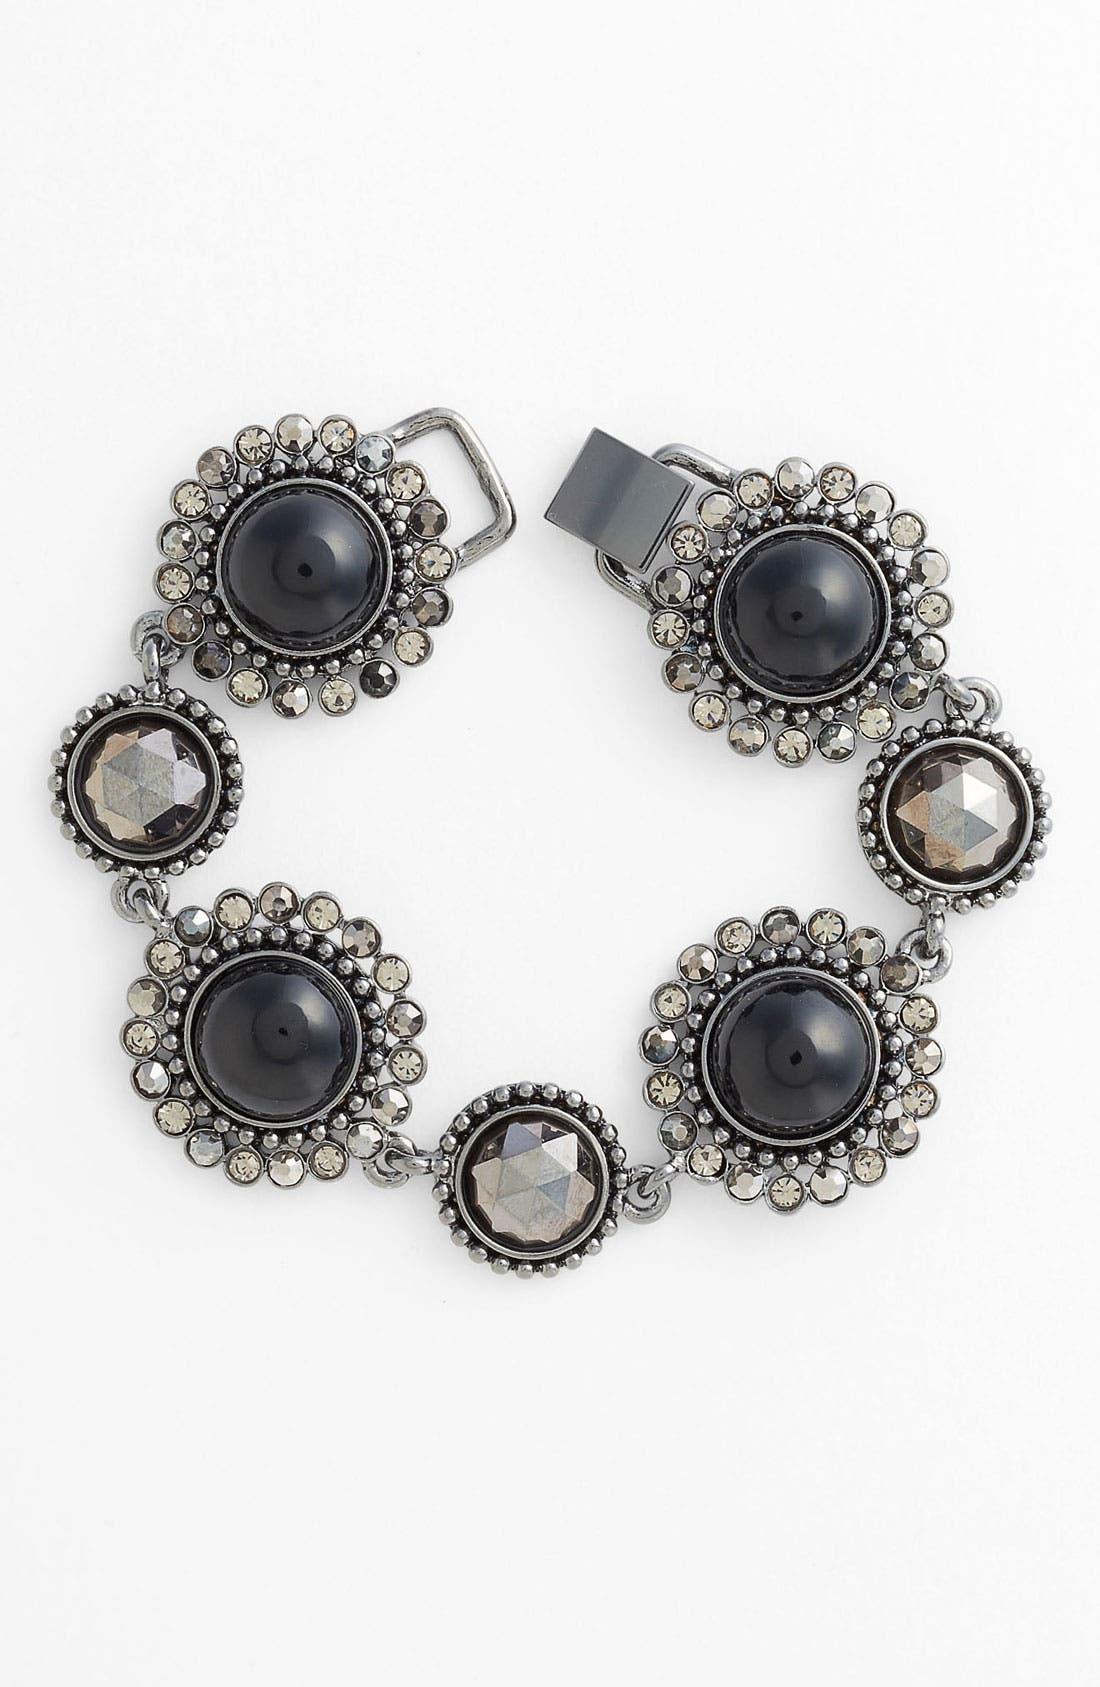 Main Image - Nordstrom 'Strictly Ornamental' Line Bracelet